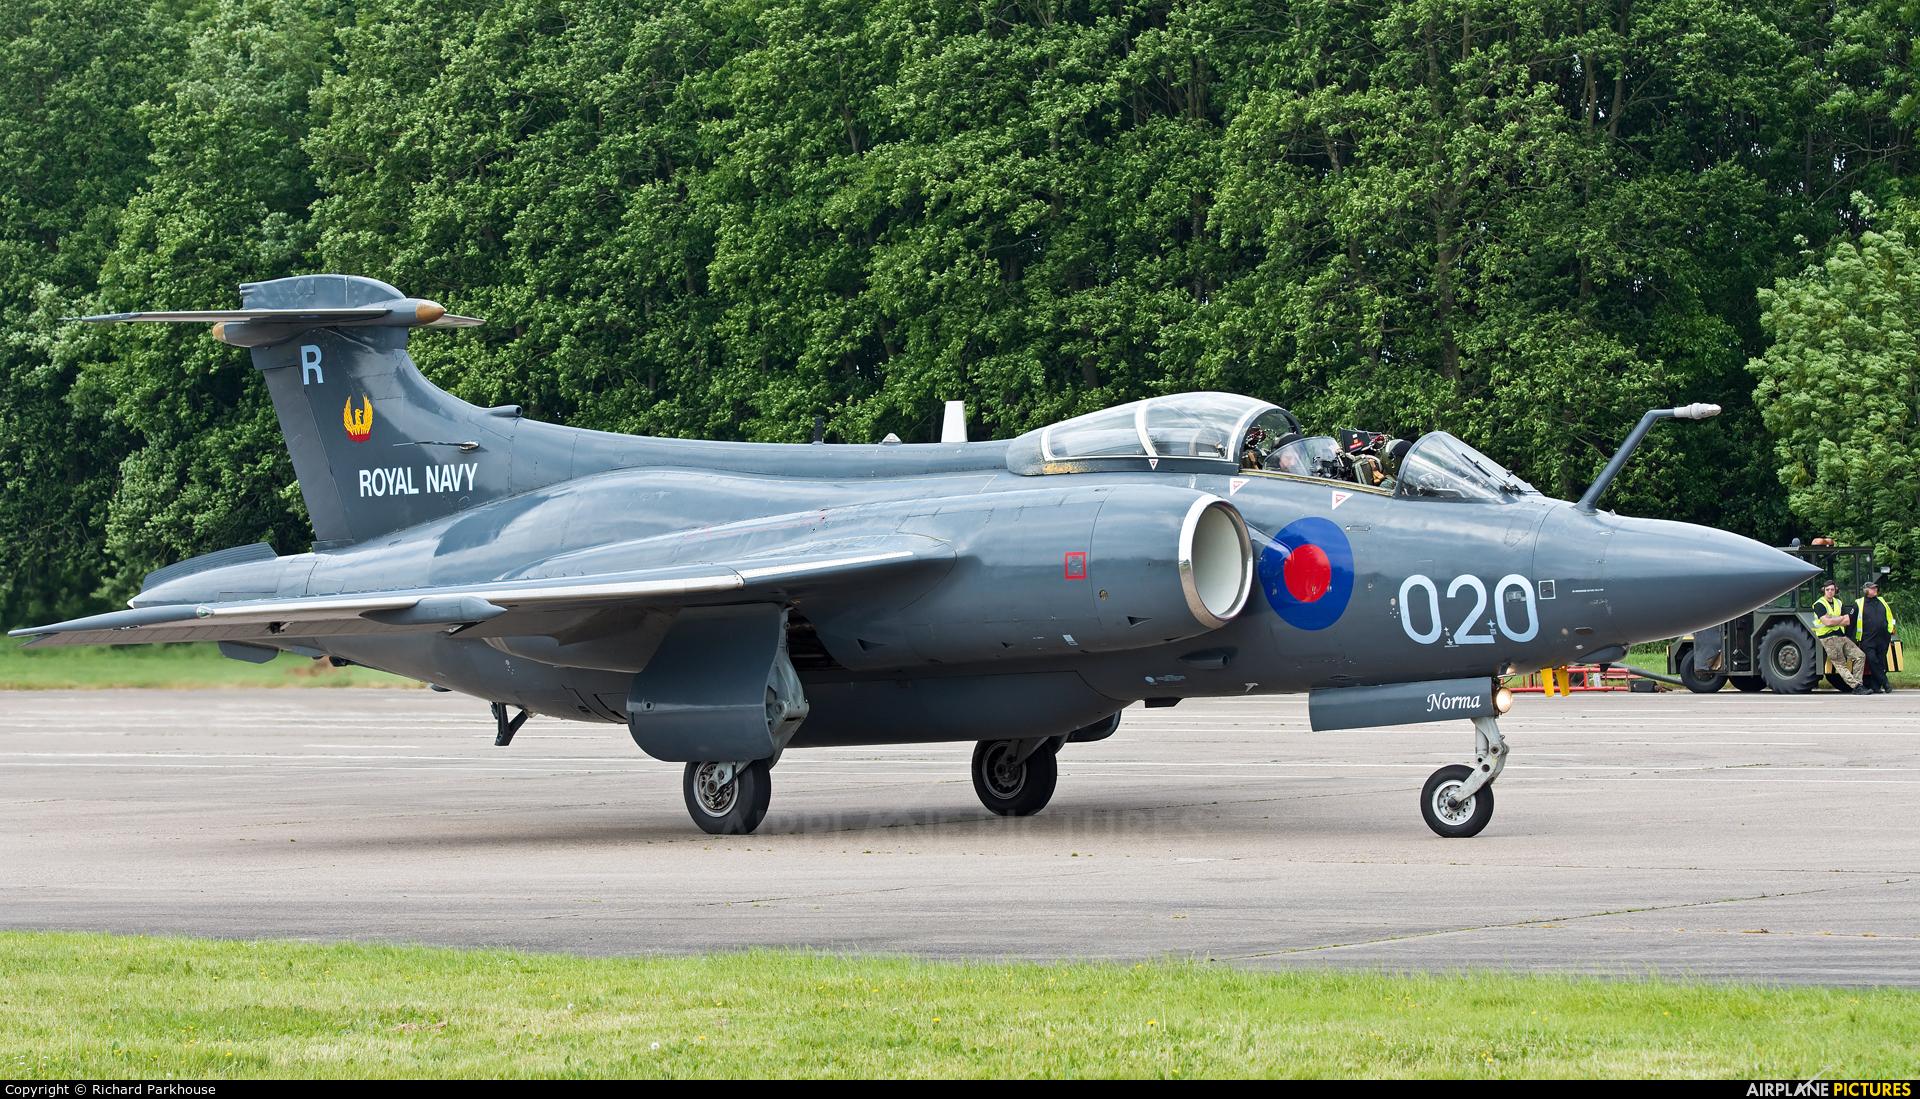 Royal Navy XX894 aircraft at Bruntingthorpe